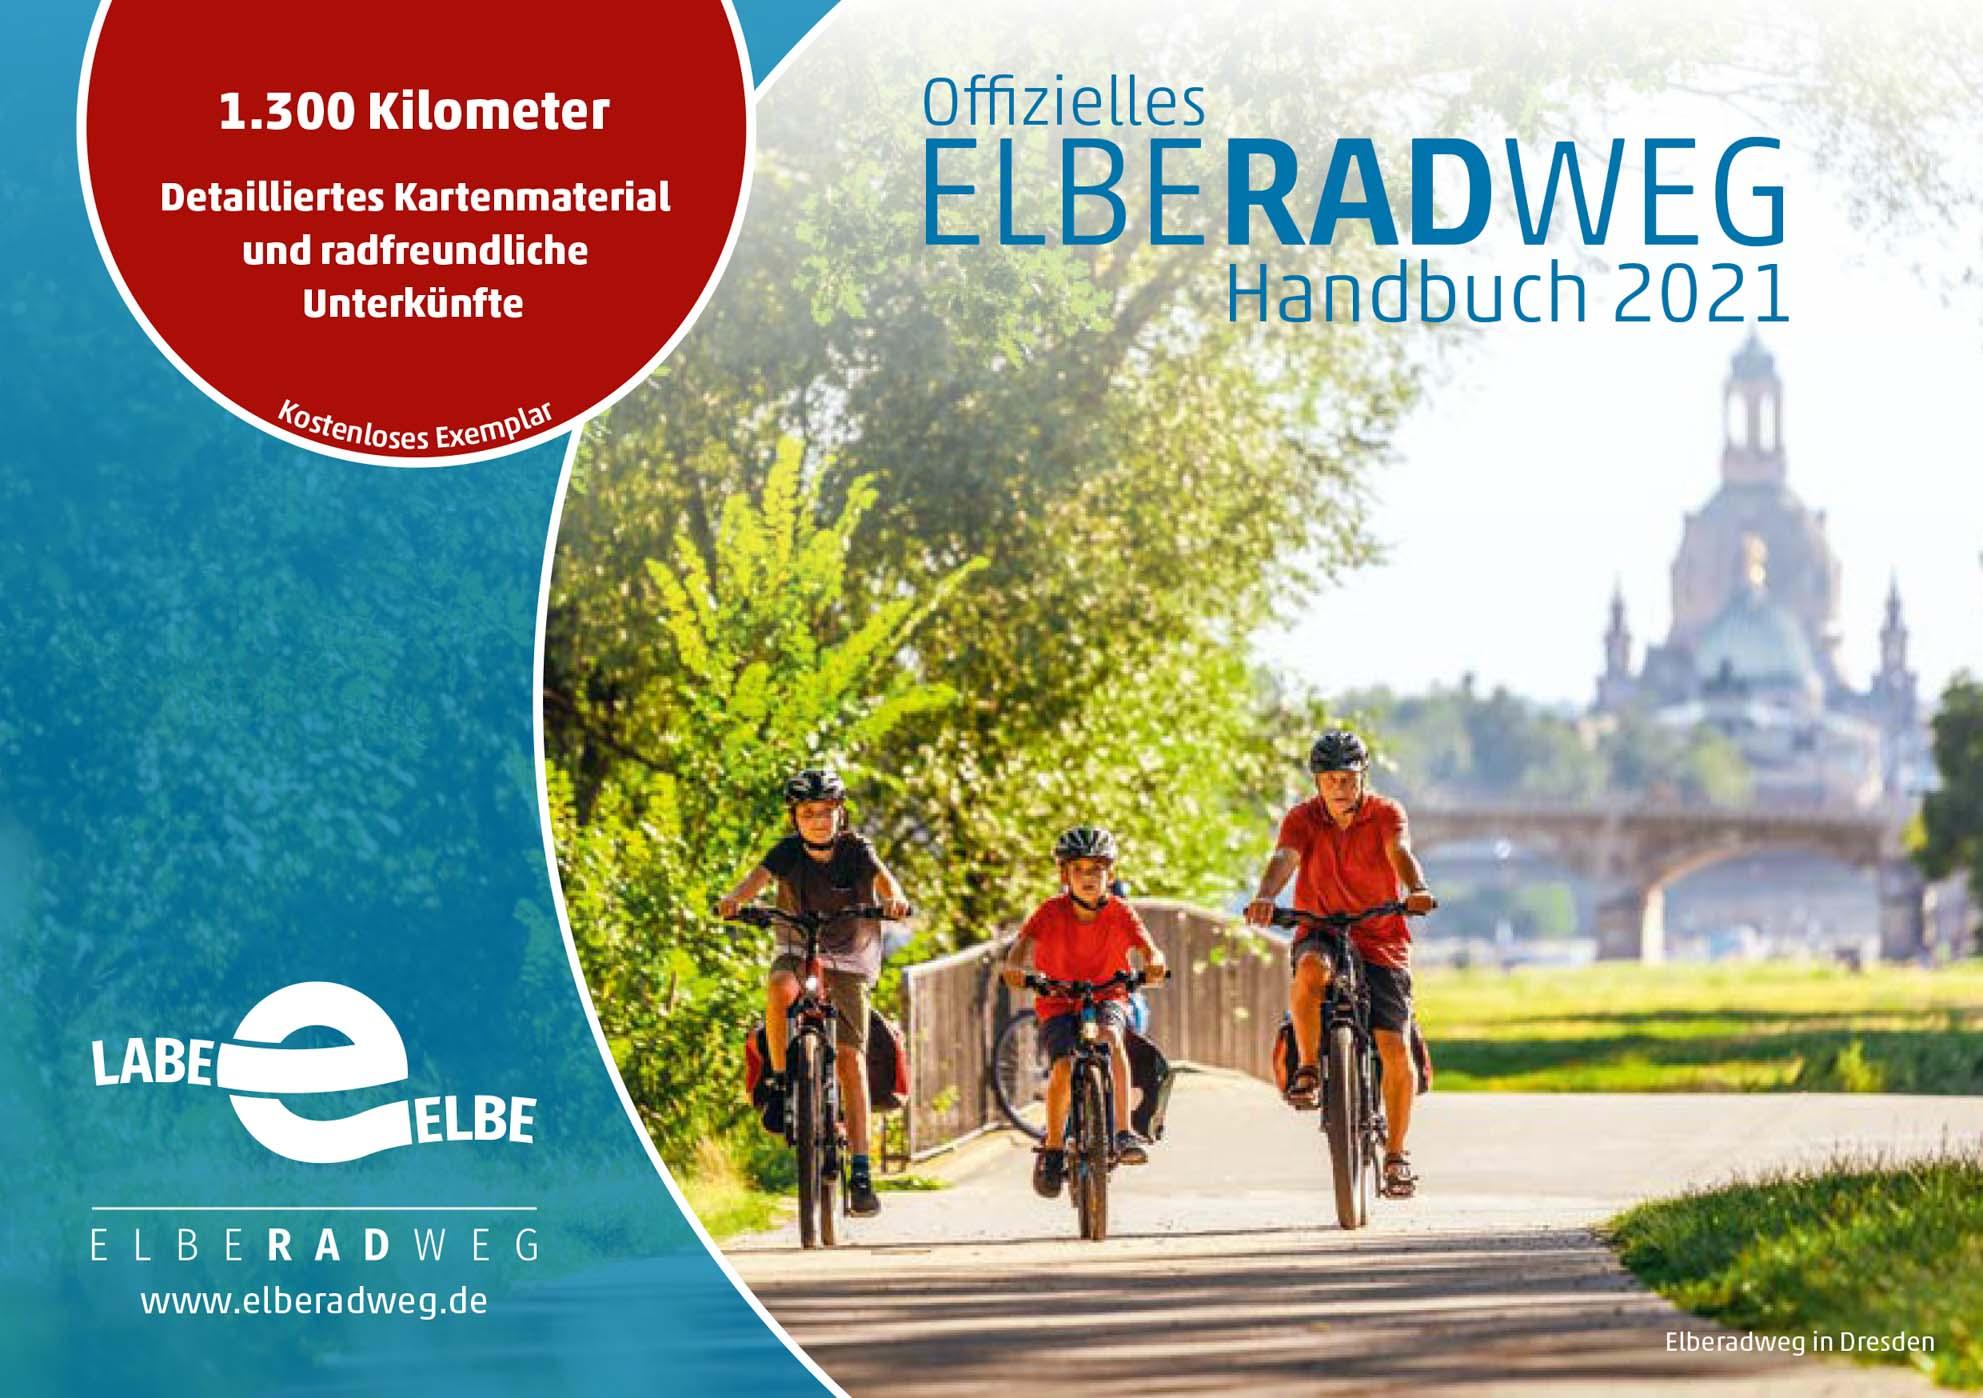 Vorfreude auf die Radsaison: Elberadweg Handbuch 2021 erschienen